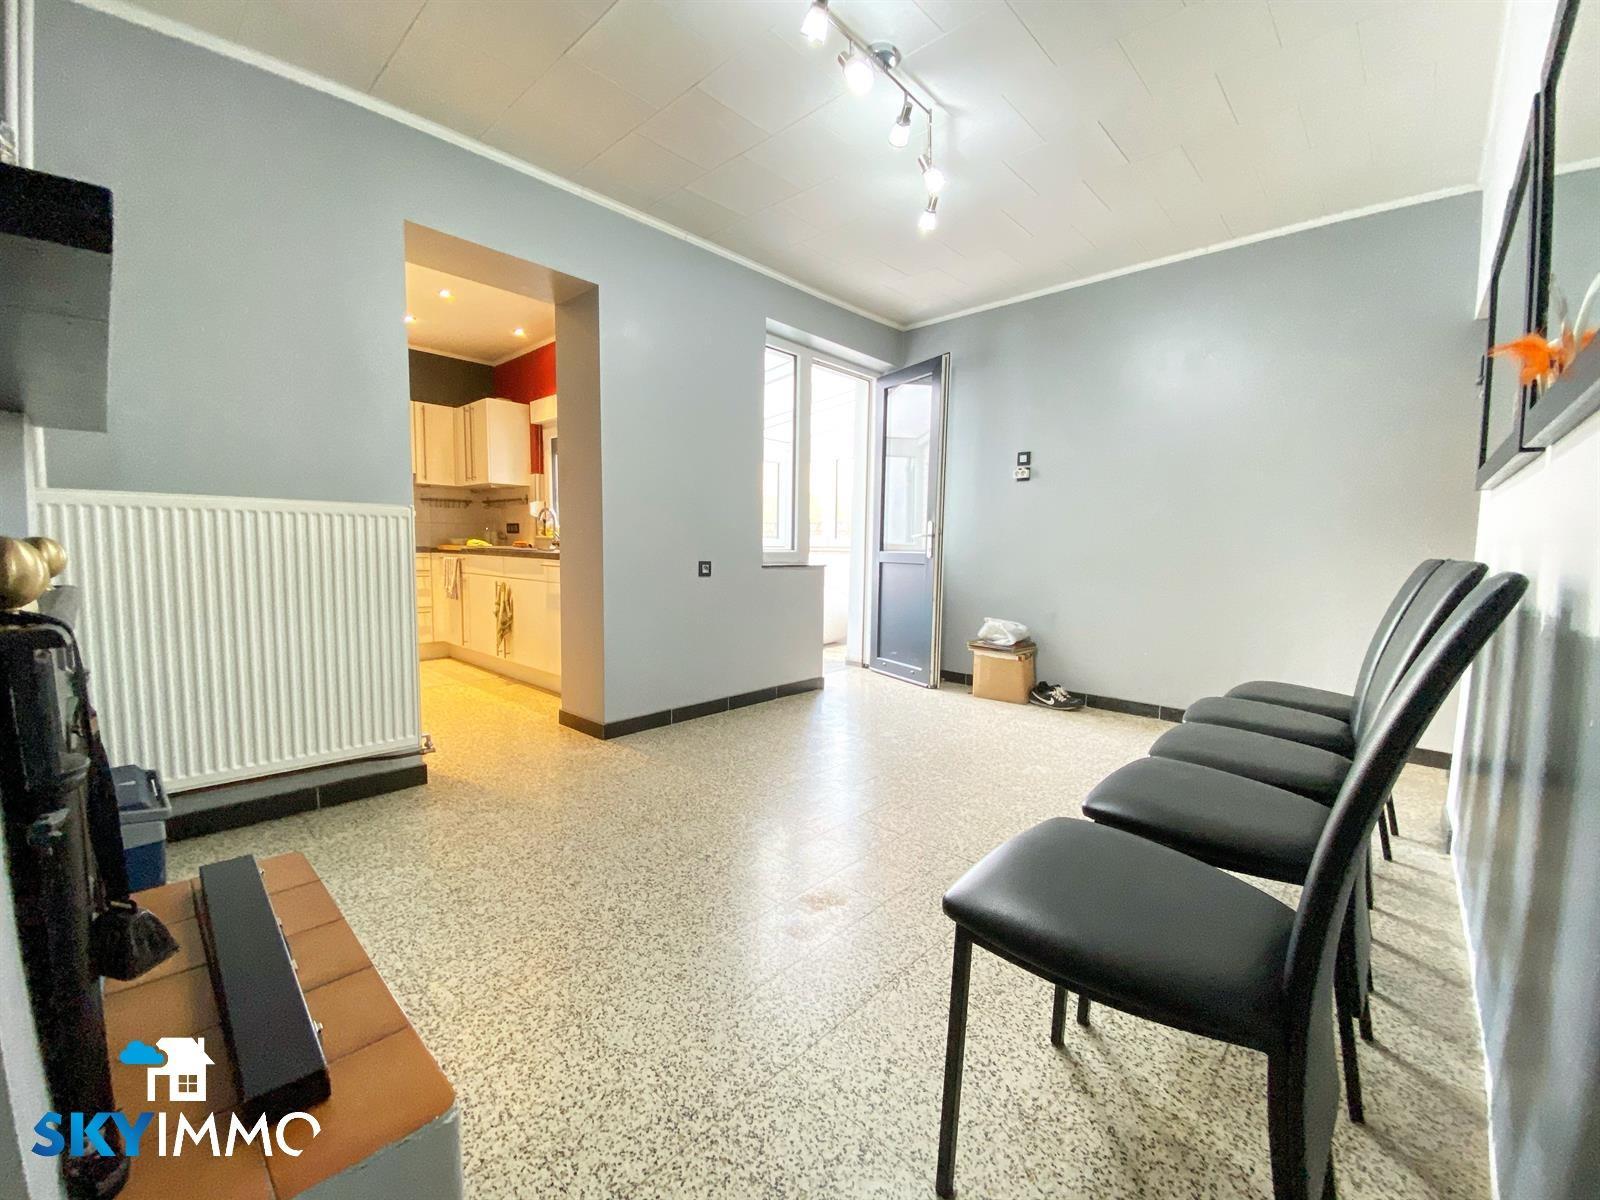 Huis - Saint-Nicolas - #4287983-5